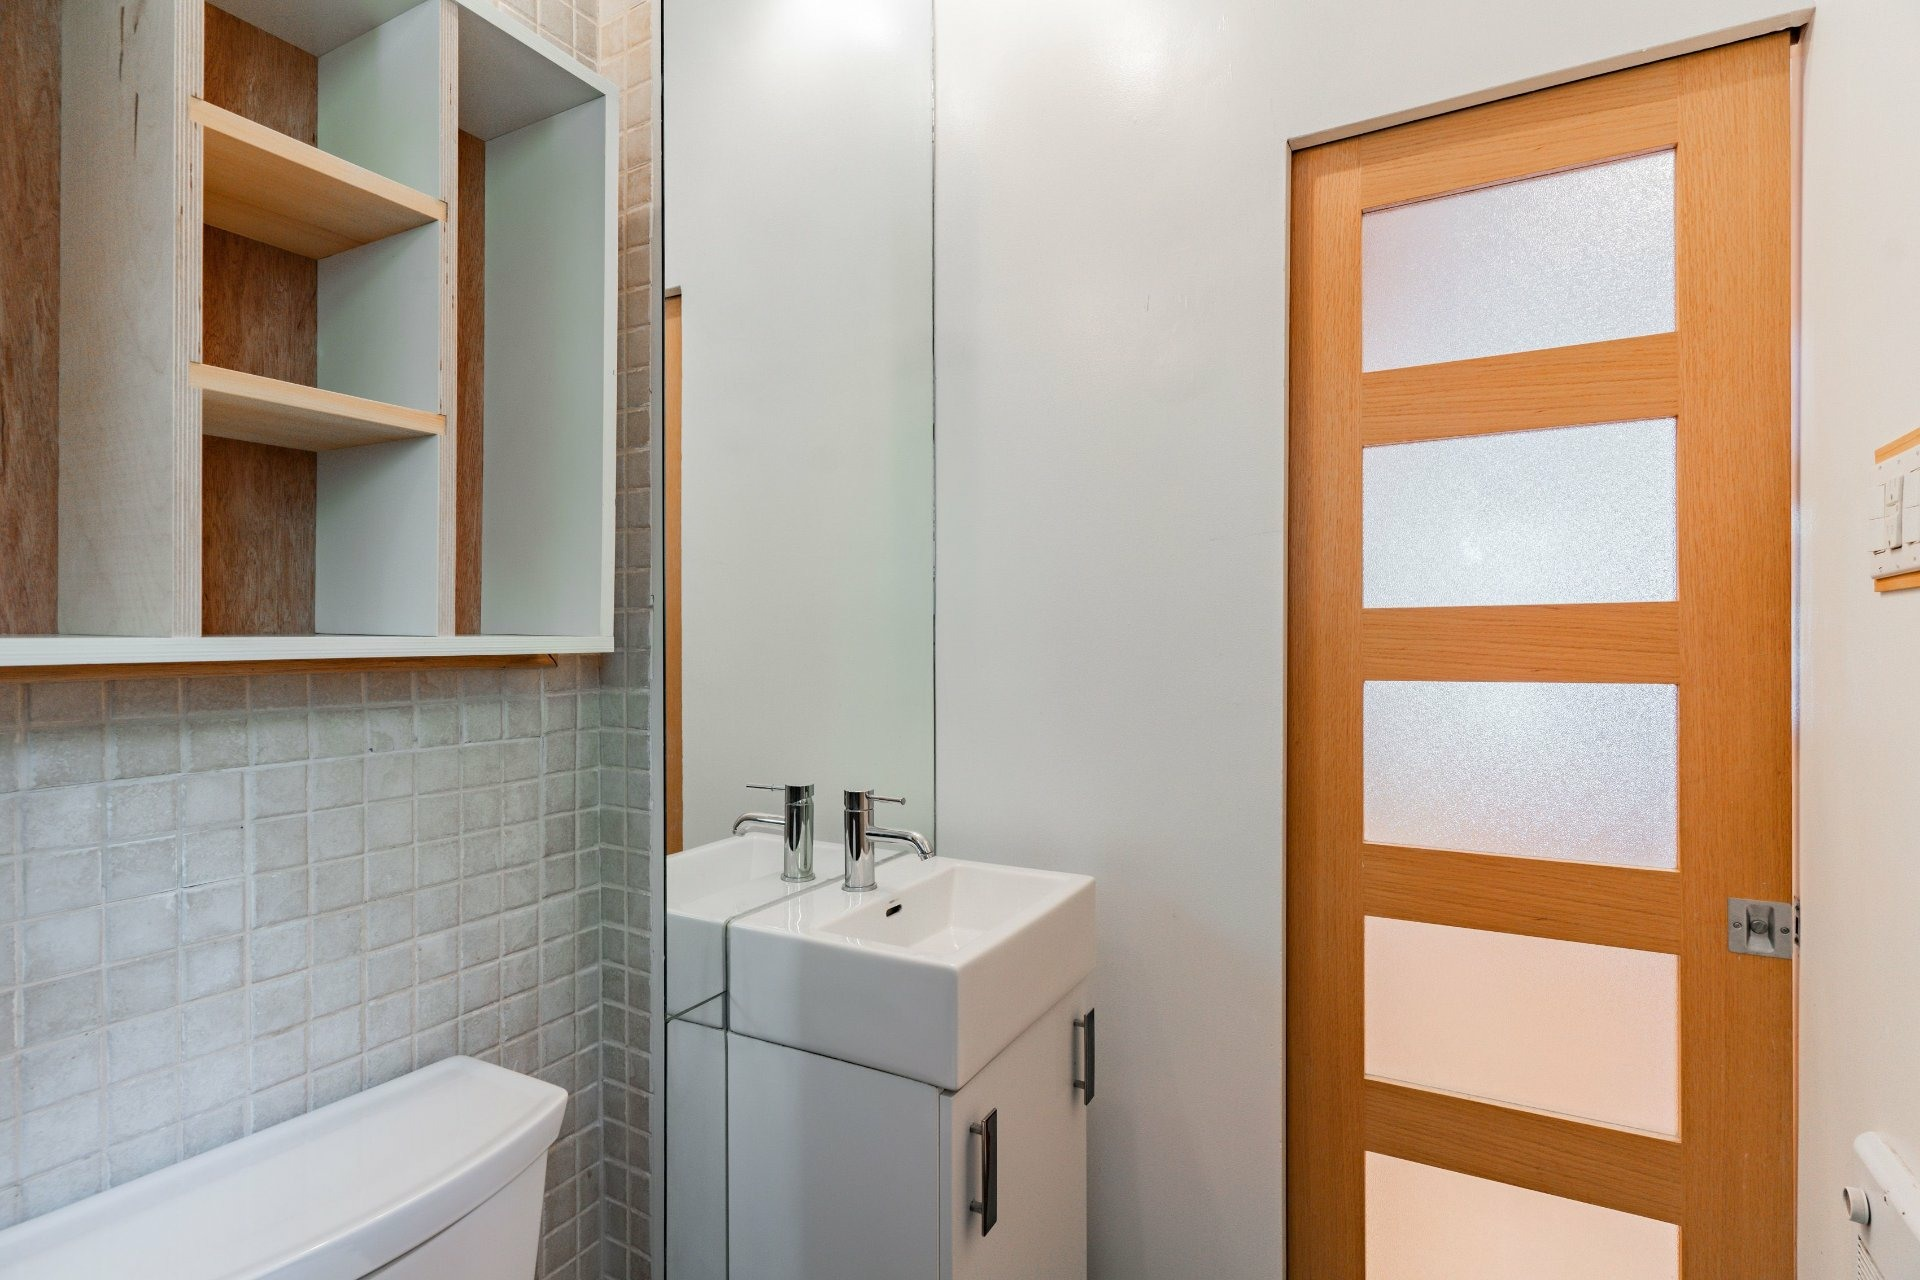 image 9 - Appartement À vendre Verdun/Île-des-Soeurs Montréal  - 4 pièces